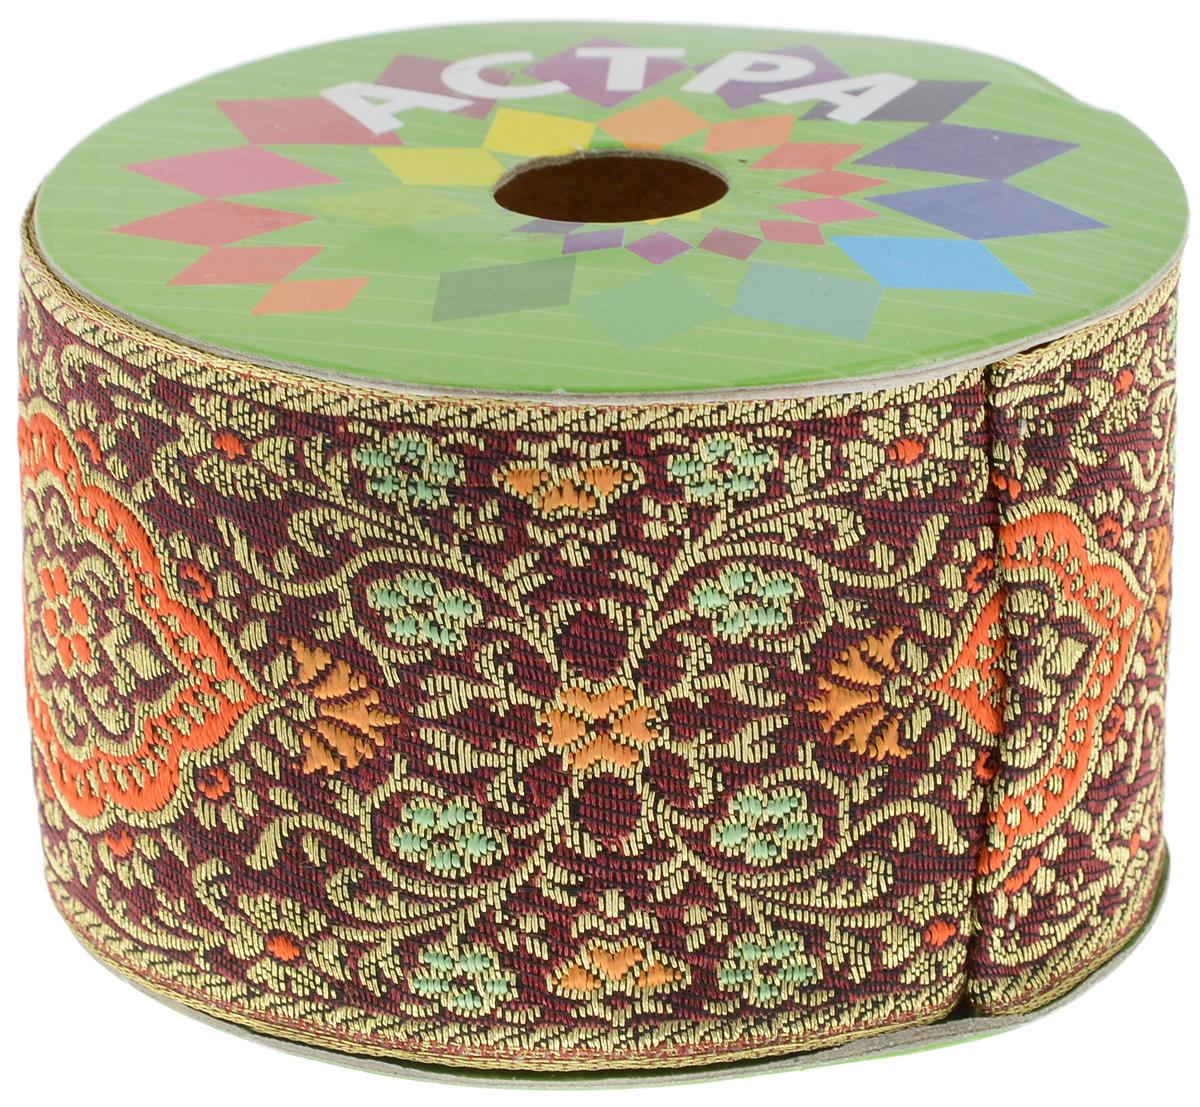 Тесьма декоративная Астра, цвет: бордовый (С10), ширина 5,5 см, длина 9 м. 77034227703422_C10Декоративная тесьма Астра выполнена из текстиля и оформлена оригинальным жаккардовым орнаментом с цветочными мотивами. Такая тесьма идеально подойдет для оформления различных творческих работ таких, как скрапбукинг, аппликация, декор коробок и открыток и многое другое. Тесьма наивысшего качества и практична в использовании. Она станет незаменимым элементом в создании рукотворного шедевра.